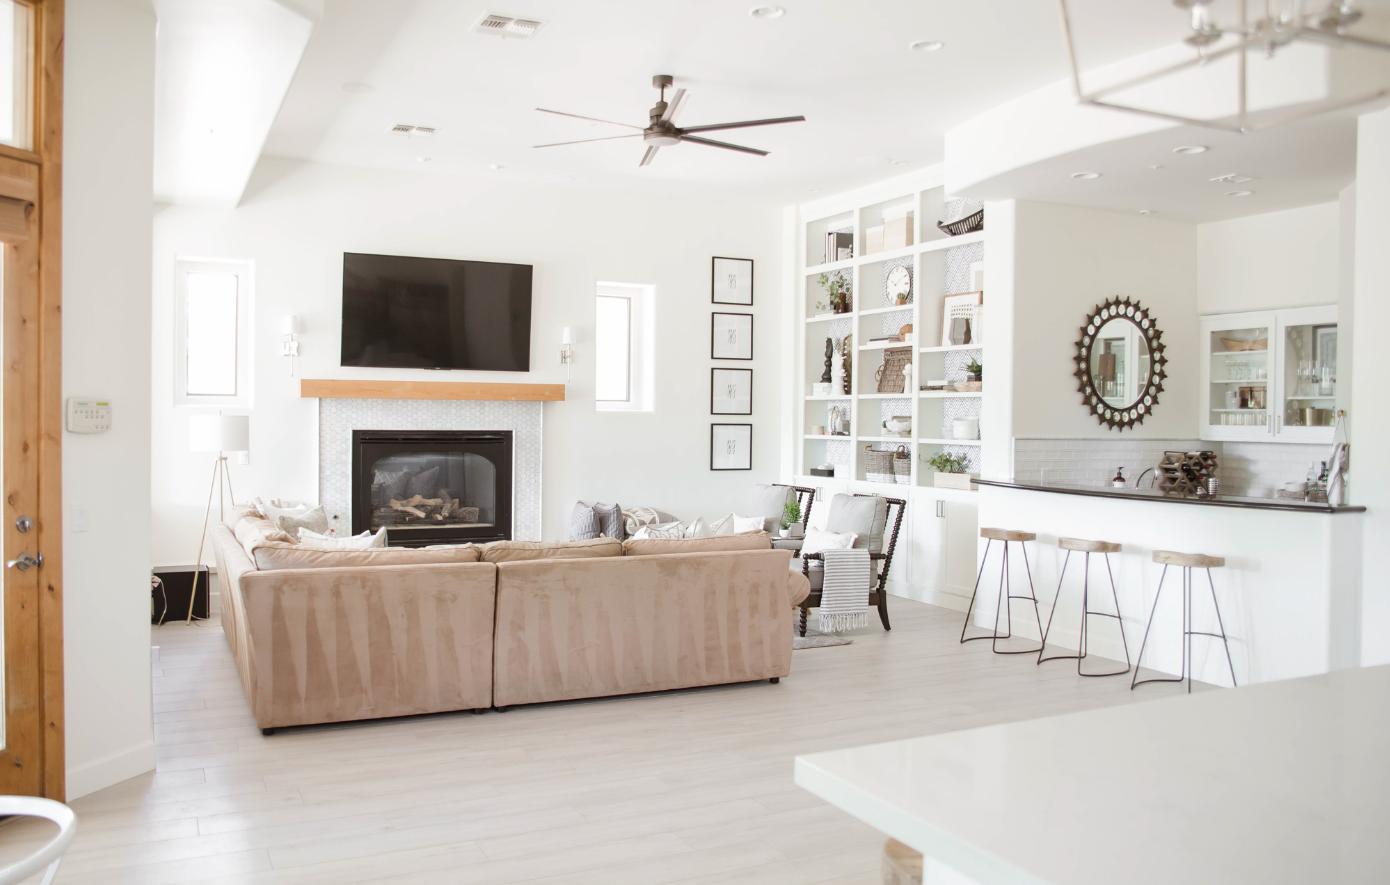 #79thWayProj Living Room